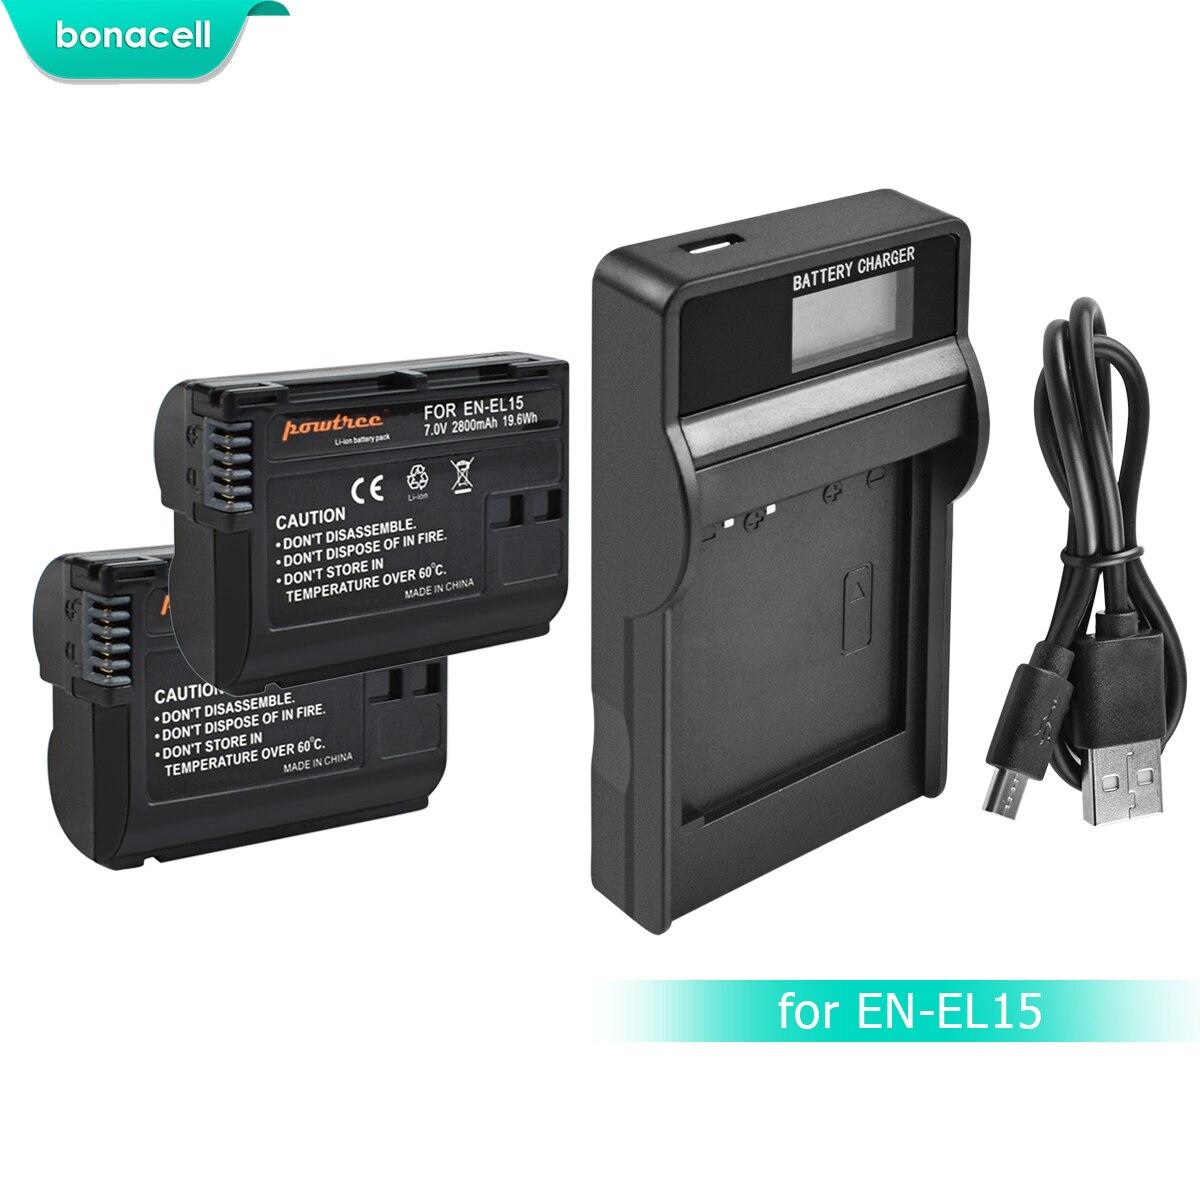 Bonacell 2800mAh EN-EL15 ENEL15 EN EL15 Camera Battery+LCD Charger For Nikon DSLR D600 D610 D800 D800E D810 D7000 D7100 L15